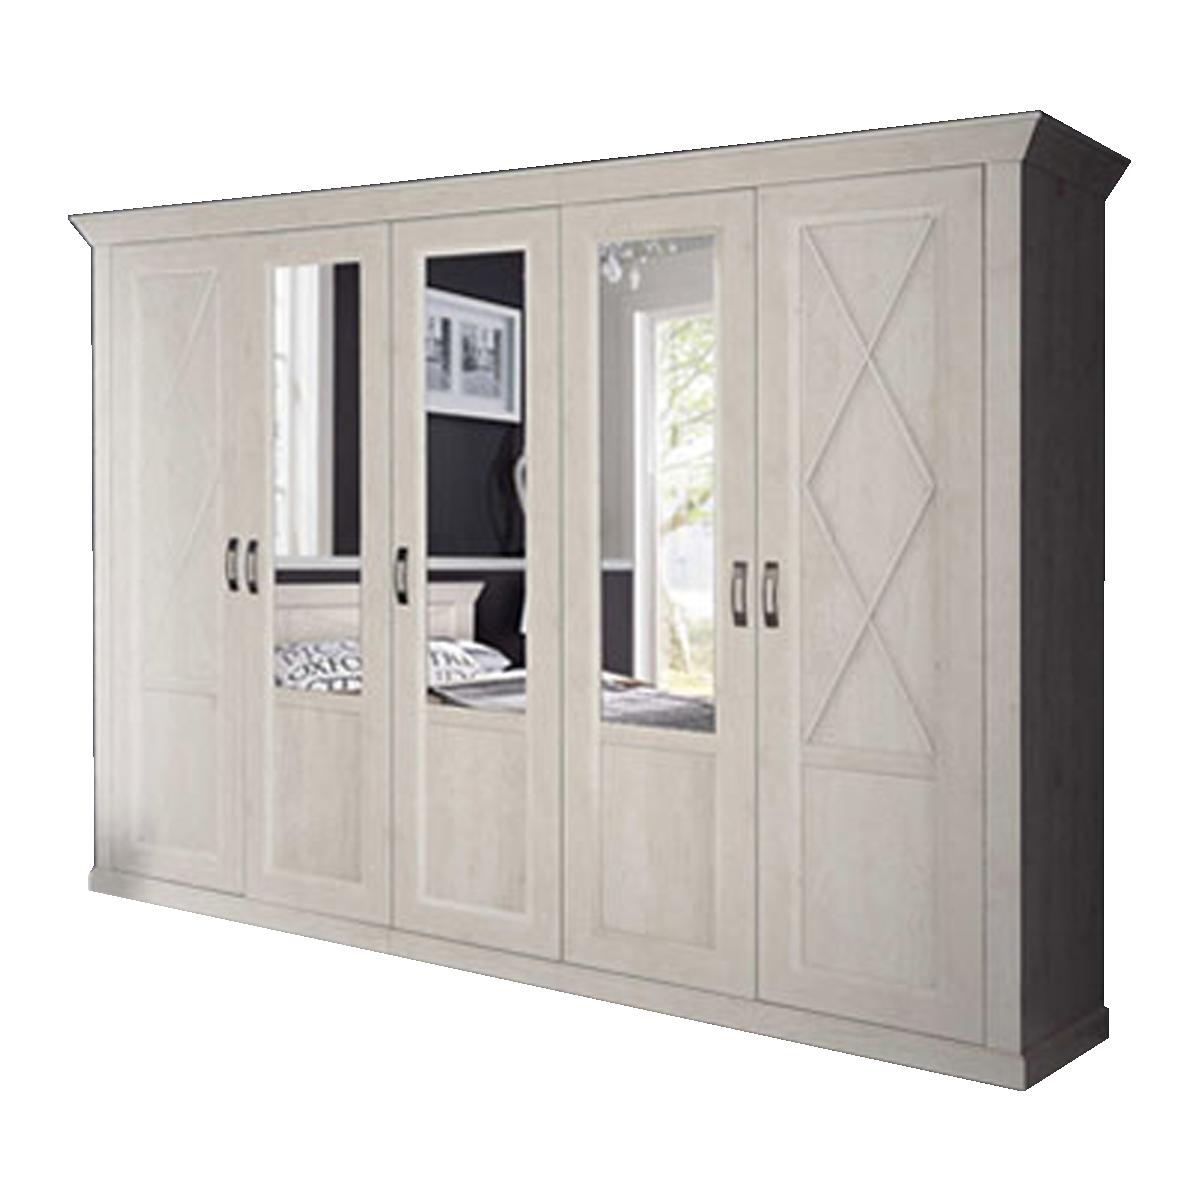 Kostenlose Lieferung Ins Deutsche Festland Forte Kashmir Schlafzimmer  Drehtürenkleiderschrank Landhausstil 2 Türen Und 3 Spiegeltüren